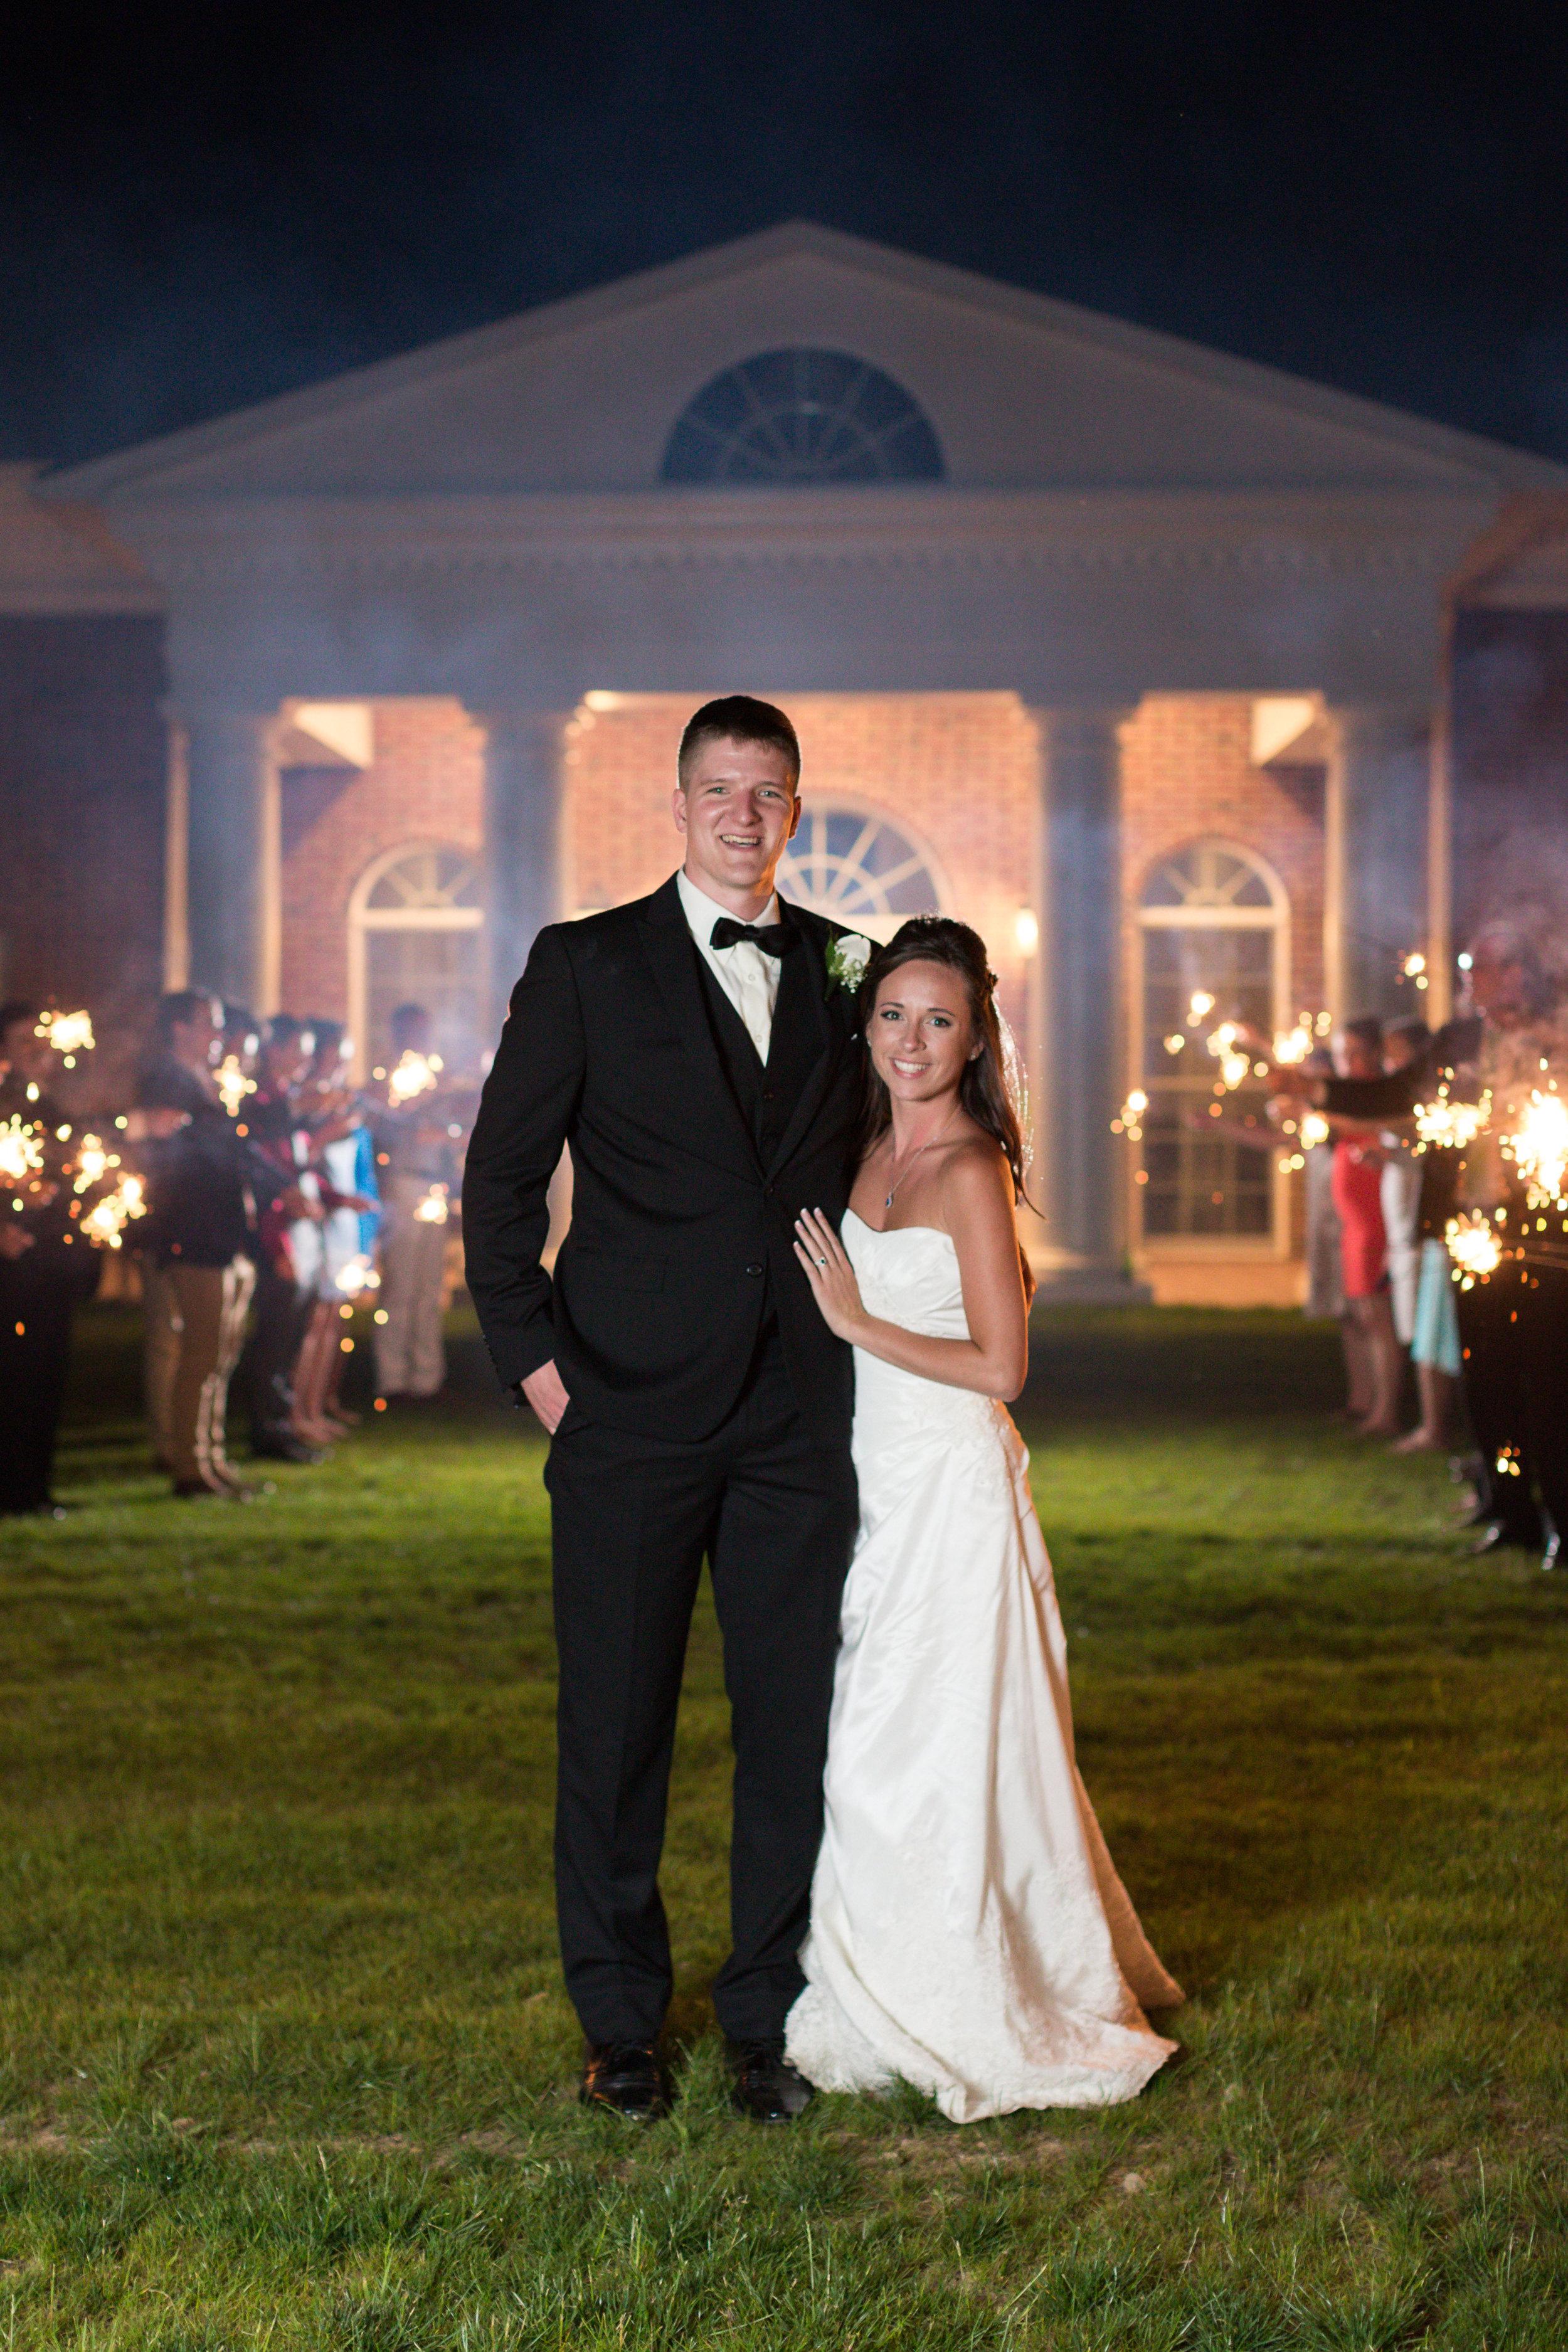 Craig & Kathleen Married 6.4.17  - 0030.jpg